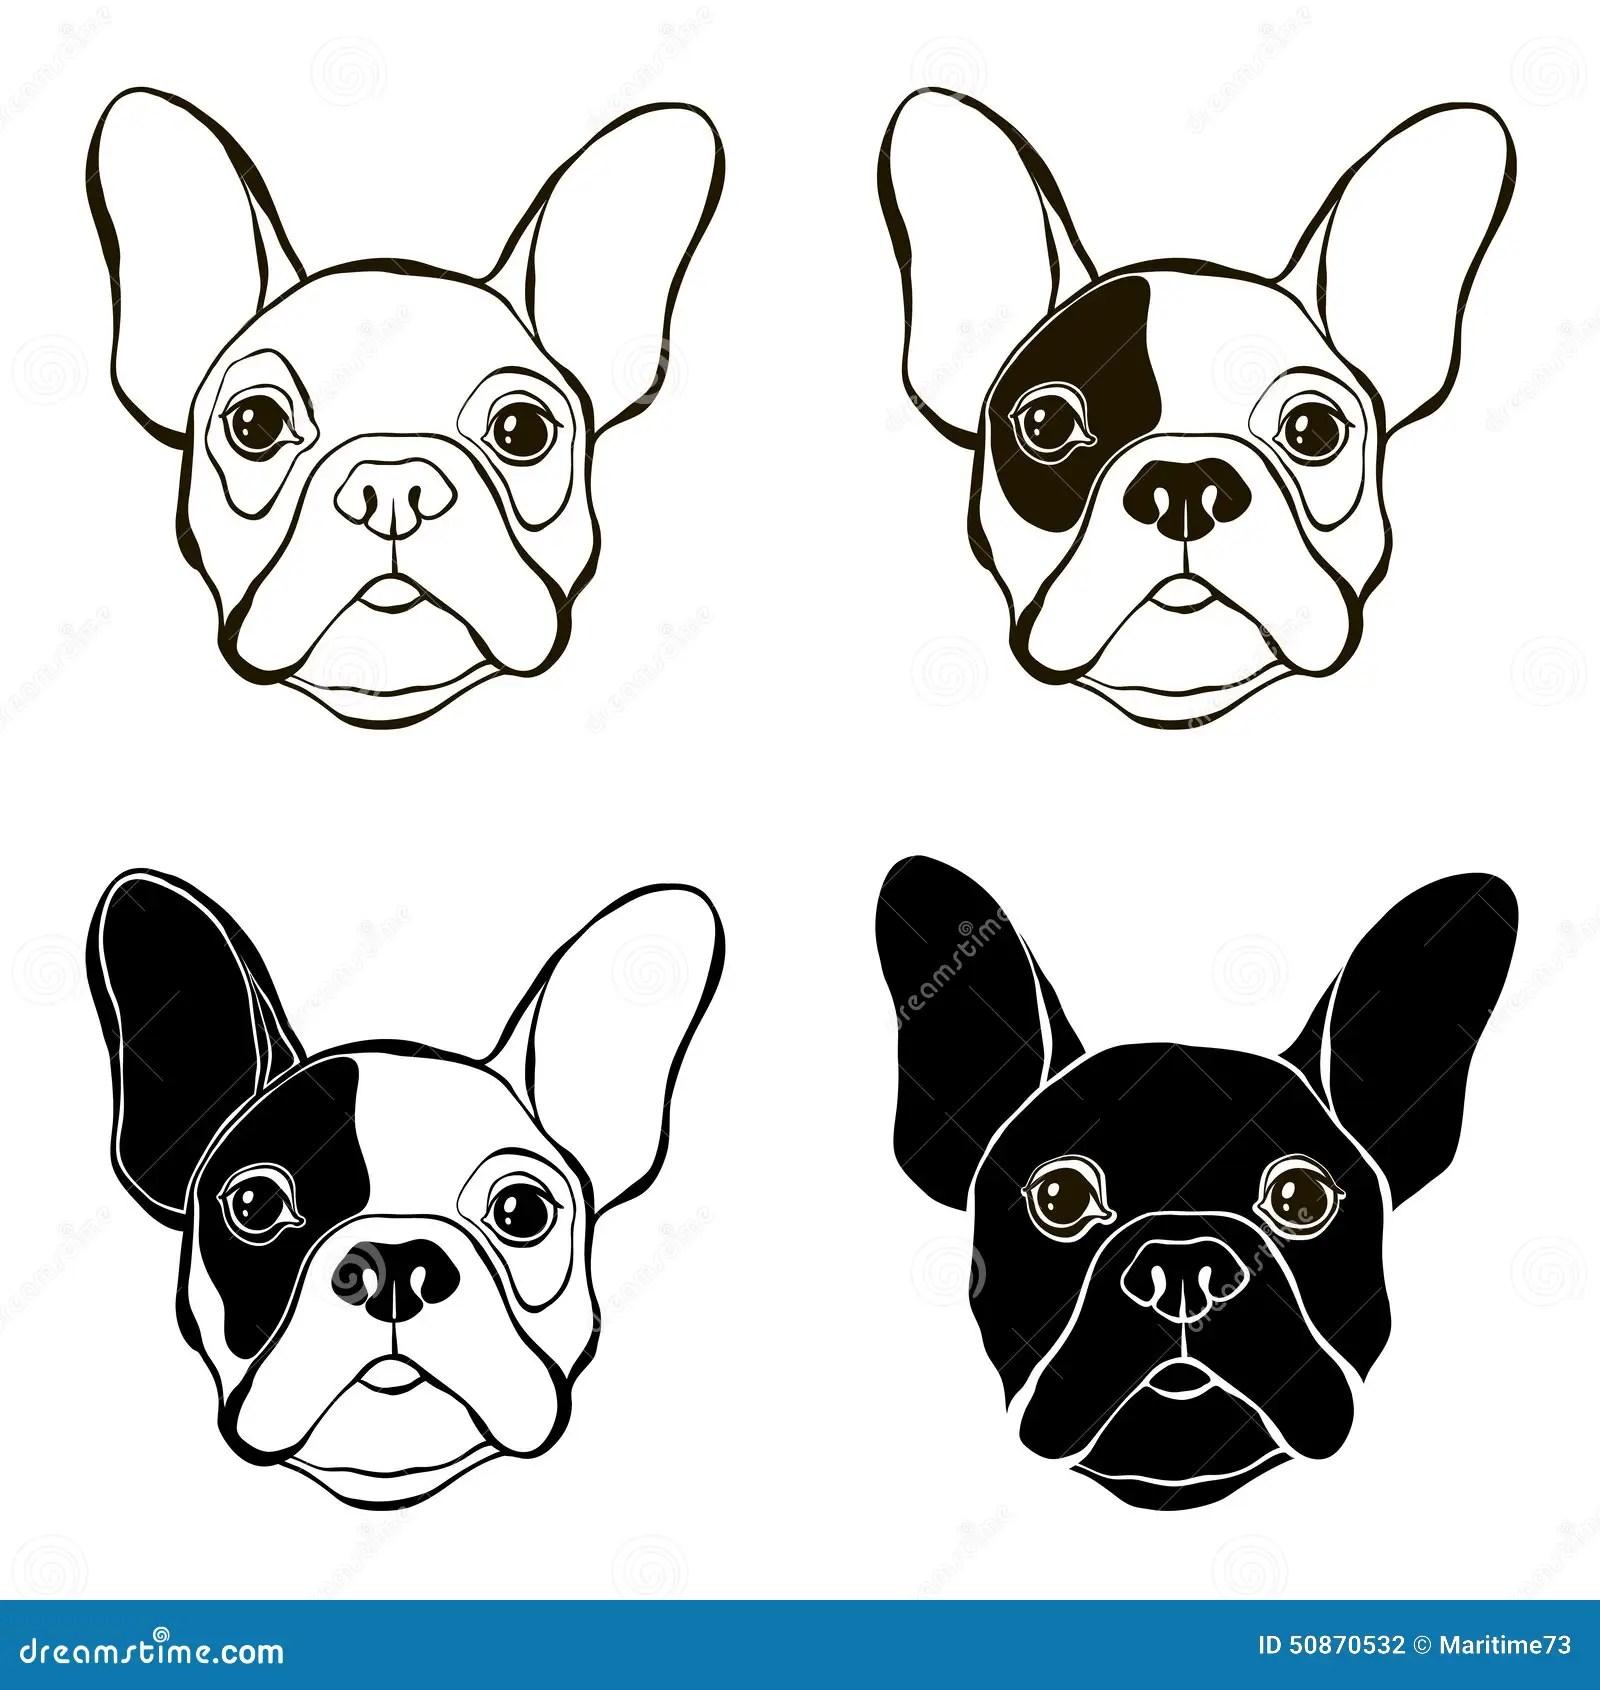 Französische Bulldogge Zeichnen - Malvorlagen Gratis